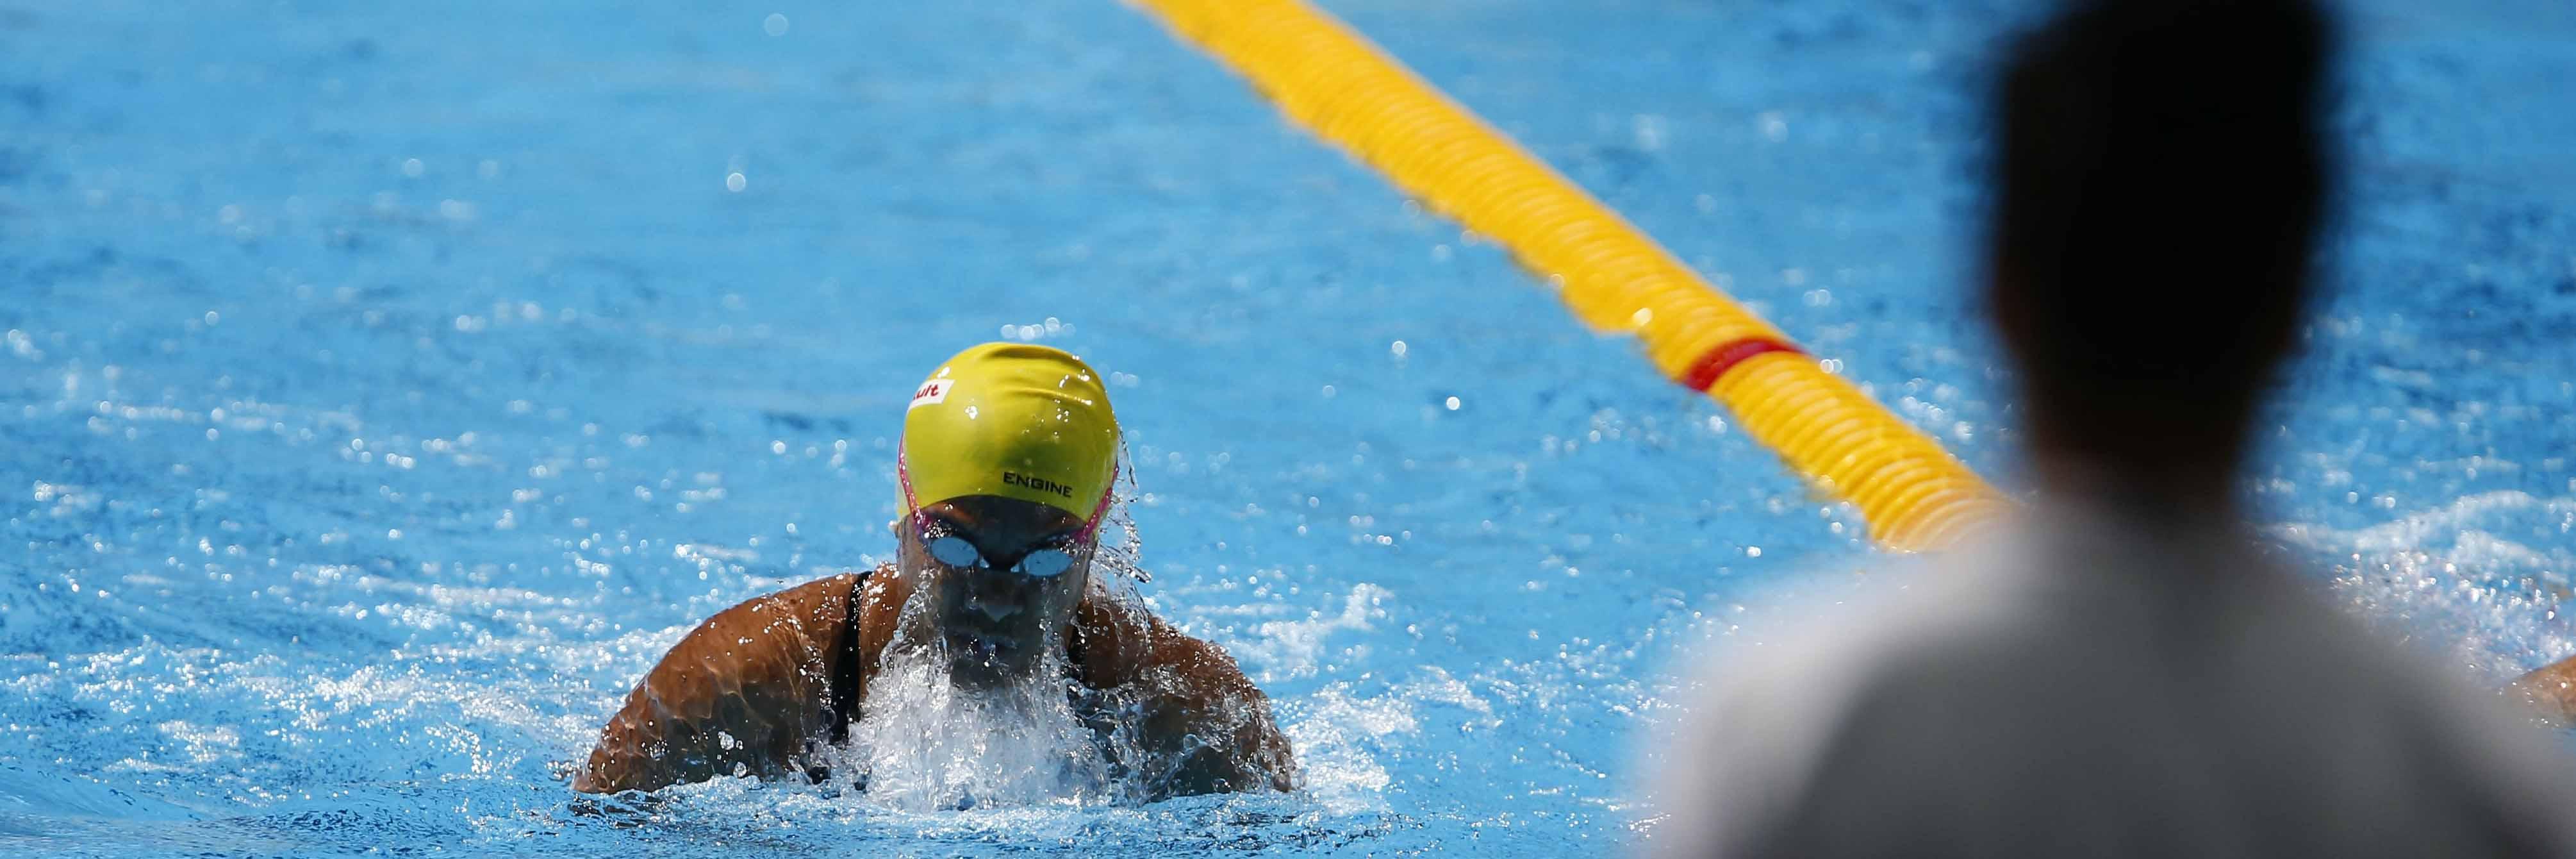 100m Breaststroke Barbara Vali-Skelton